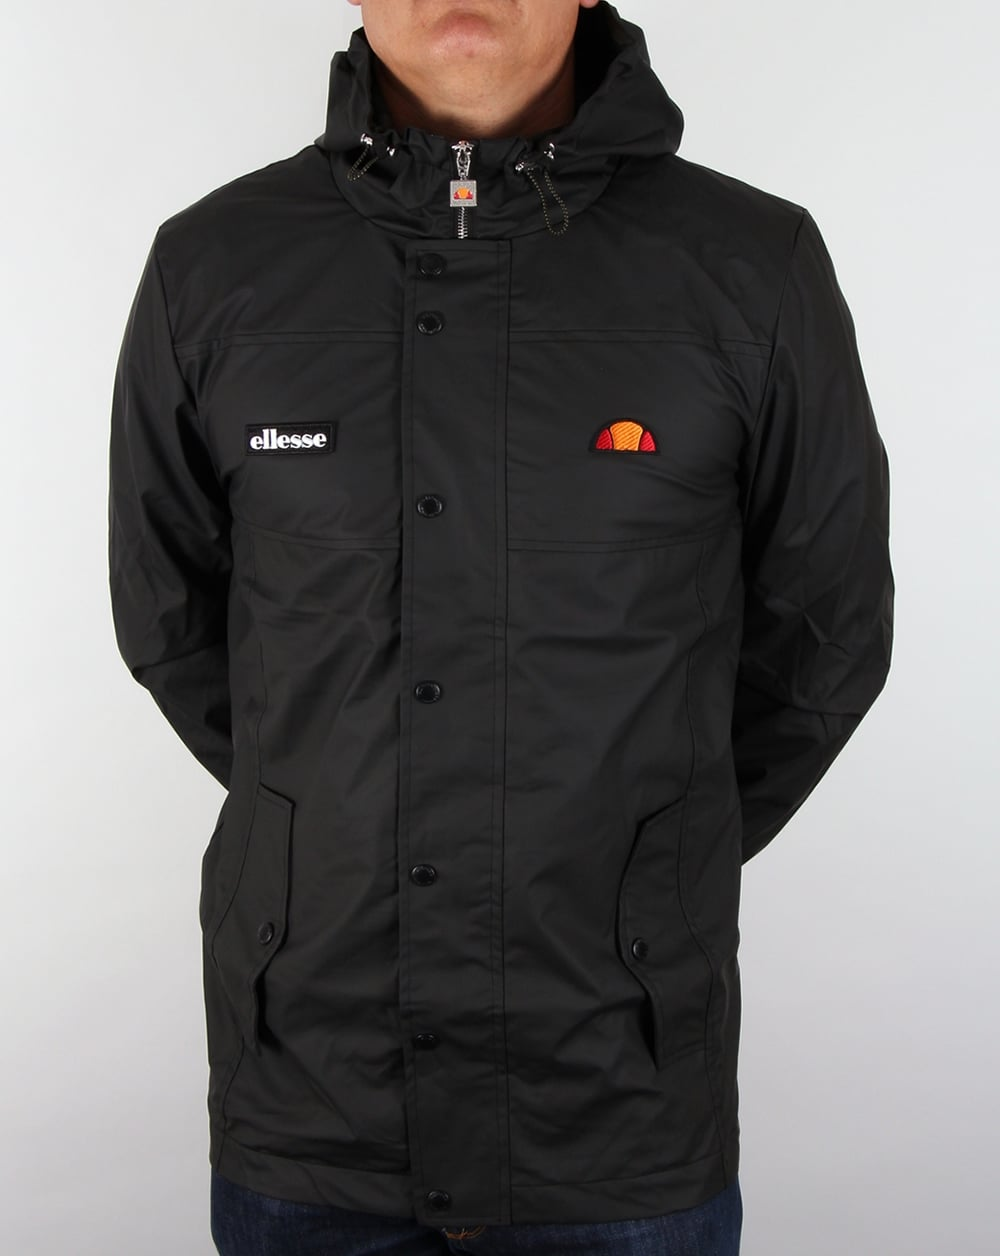 Ellesse Castelli Jacket Black,hooded,coat,parka,mens